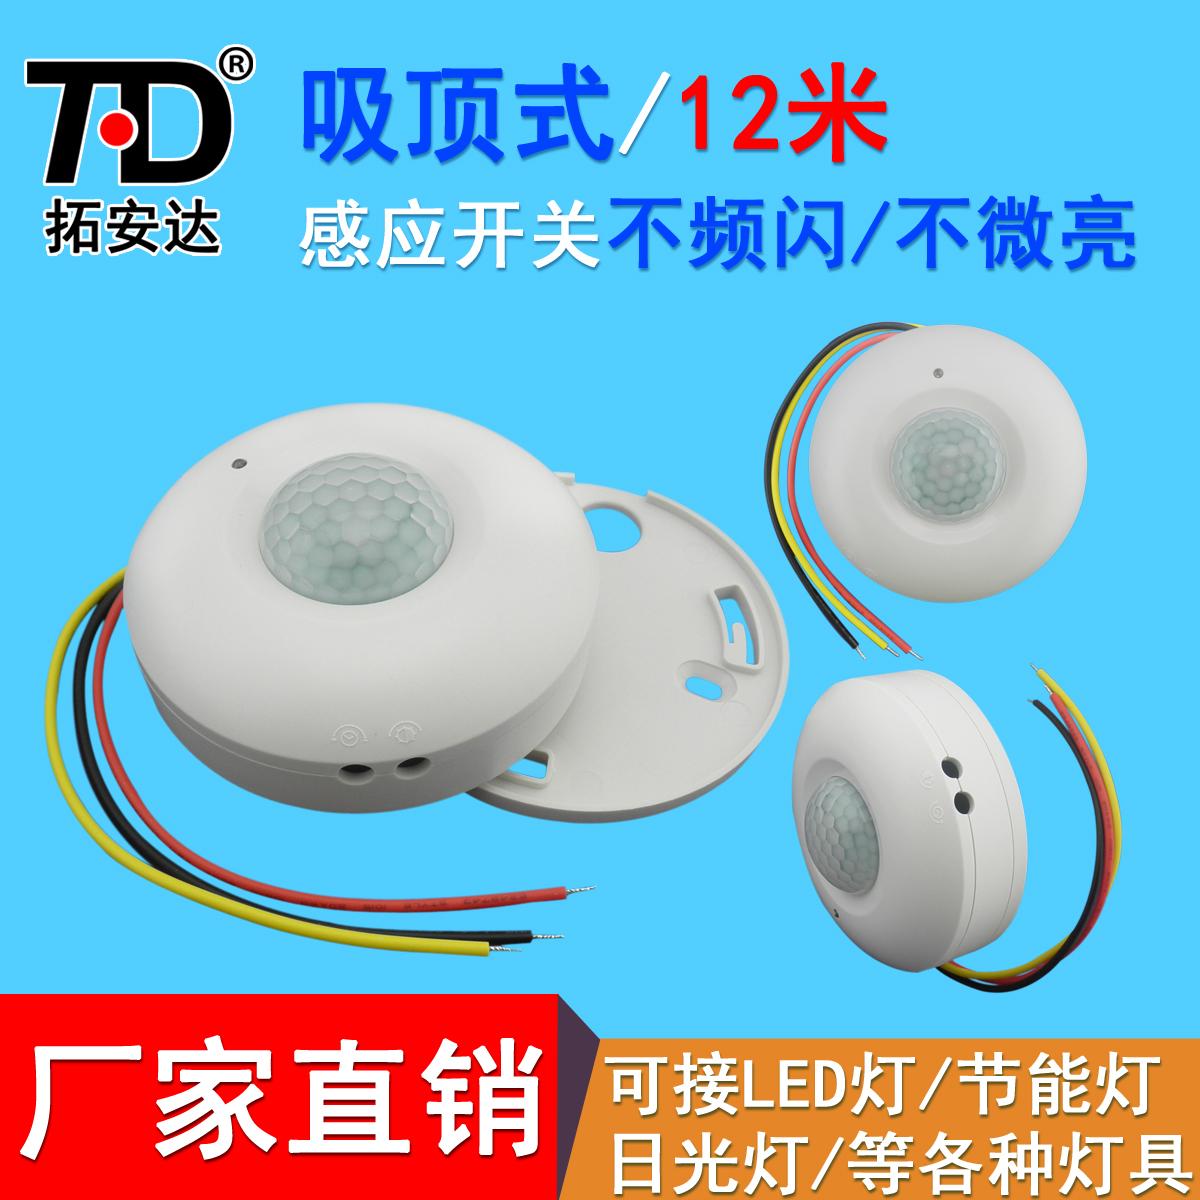 拓安达吸顶式智能人体红外感应灯TAD-T816